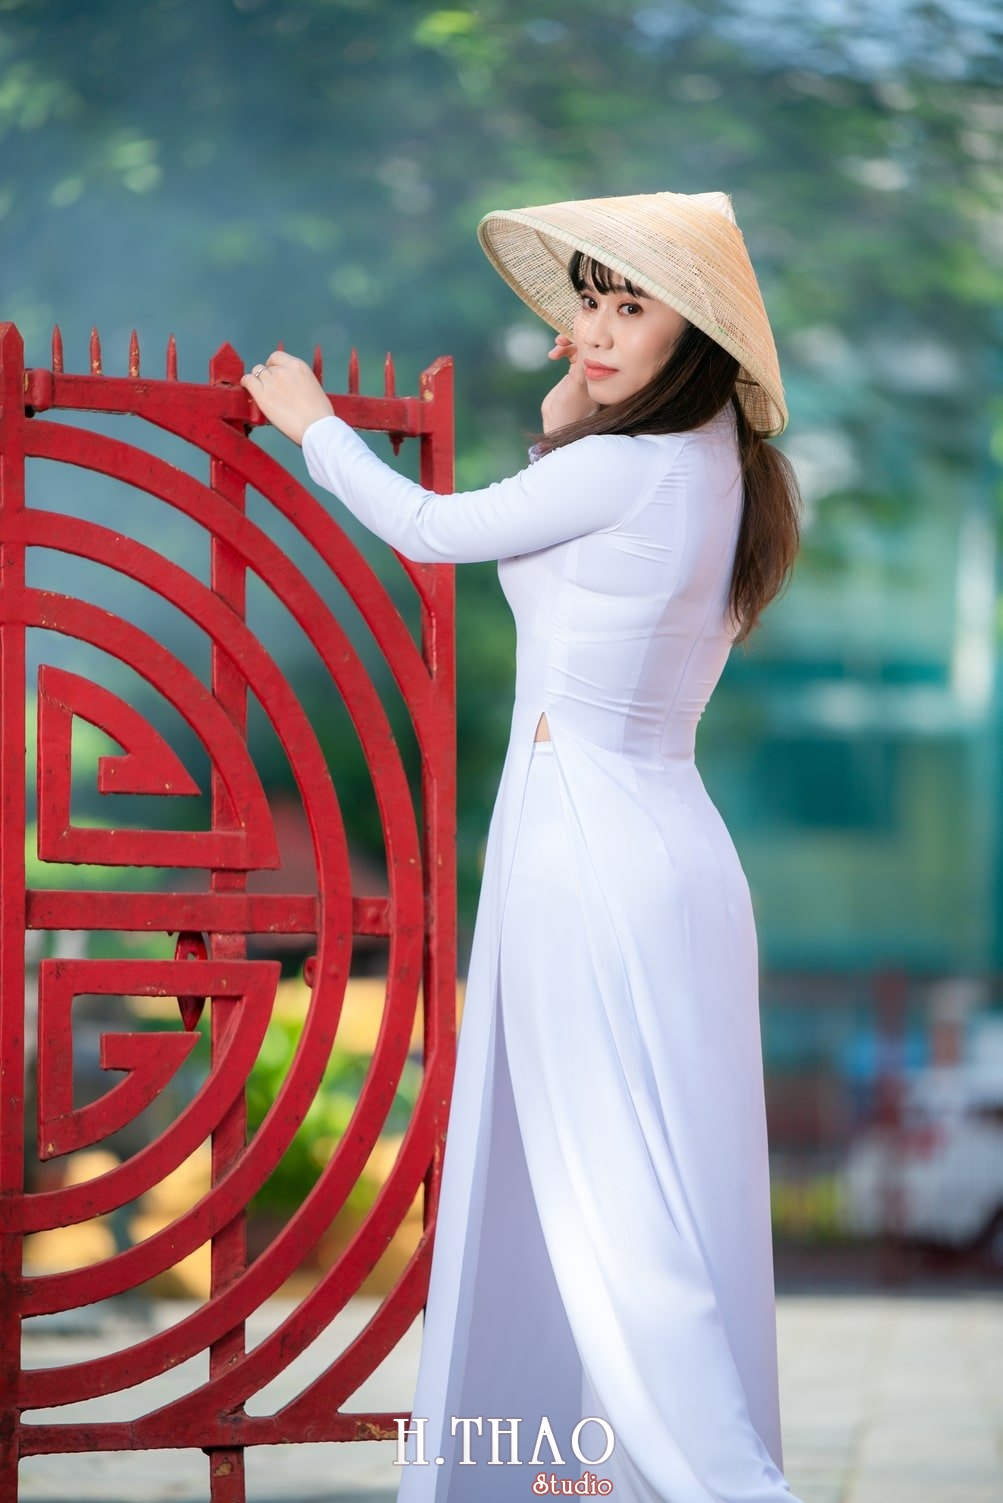 Ao dai viet nam 6 - Báo giá chụp ảnh áo dài trọn gói tại Tp.HCM - HThao Studio